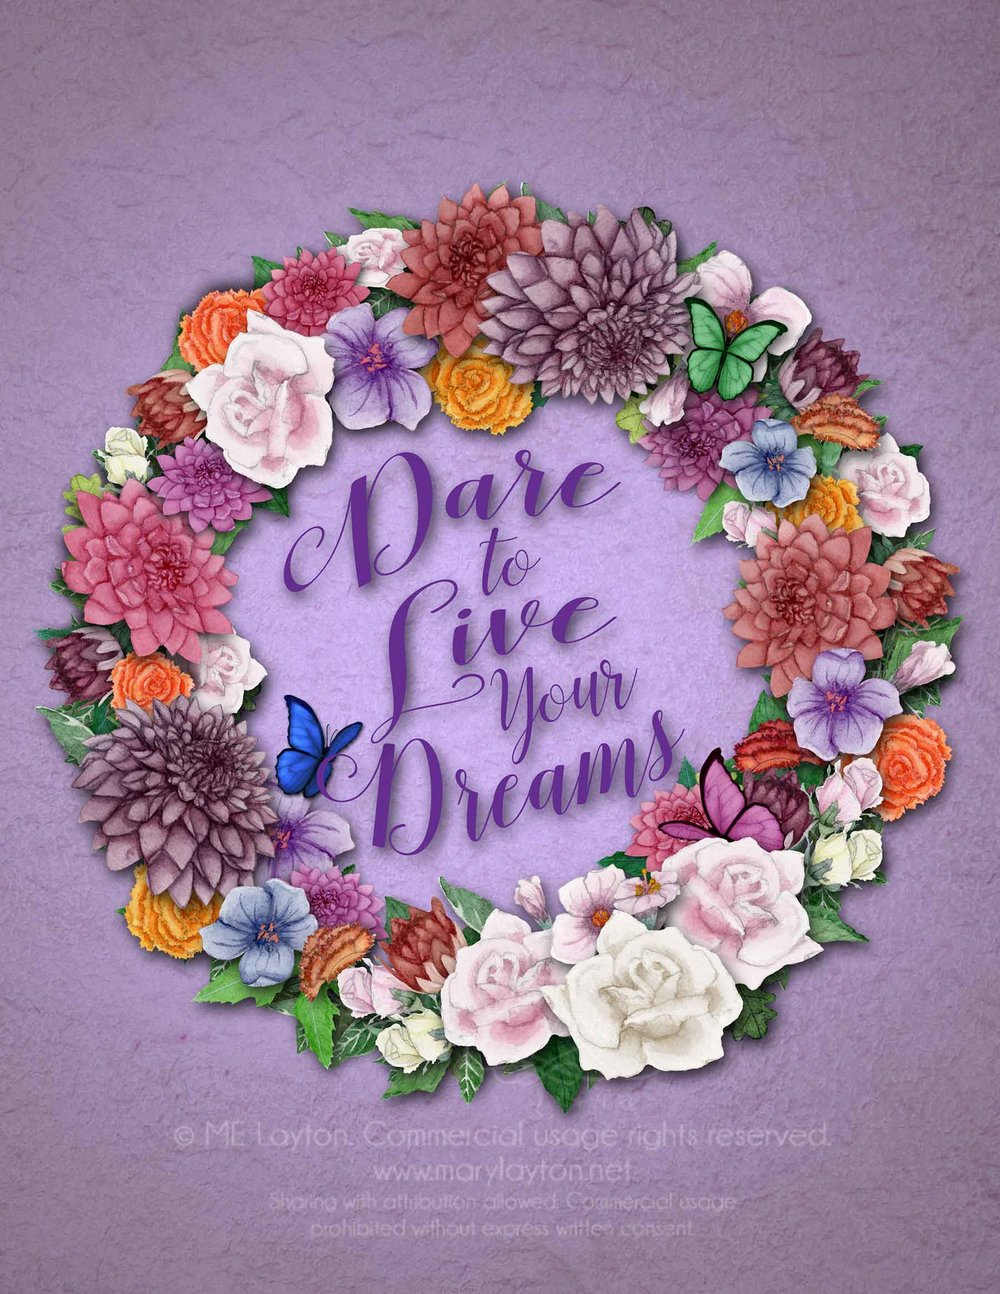 DreamsDesign.jpg